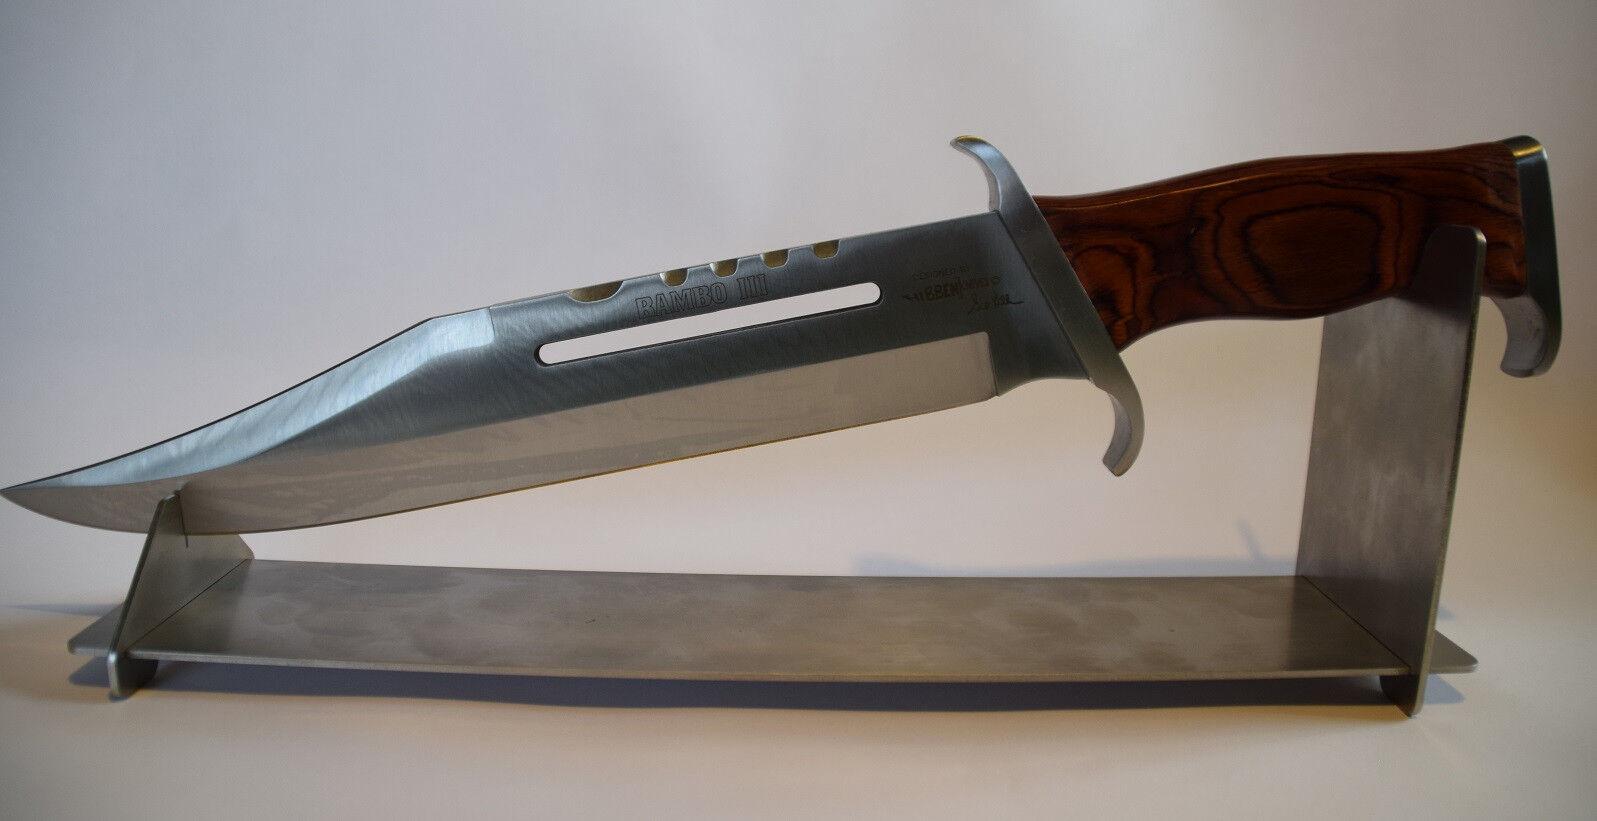 Messer Halter universal , Outdoor Messer, Messer, Messer,  Bowiemesser  Jagd Rambo    Economy  e11696